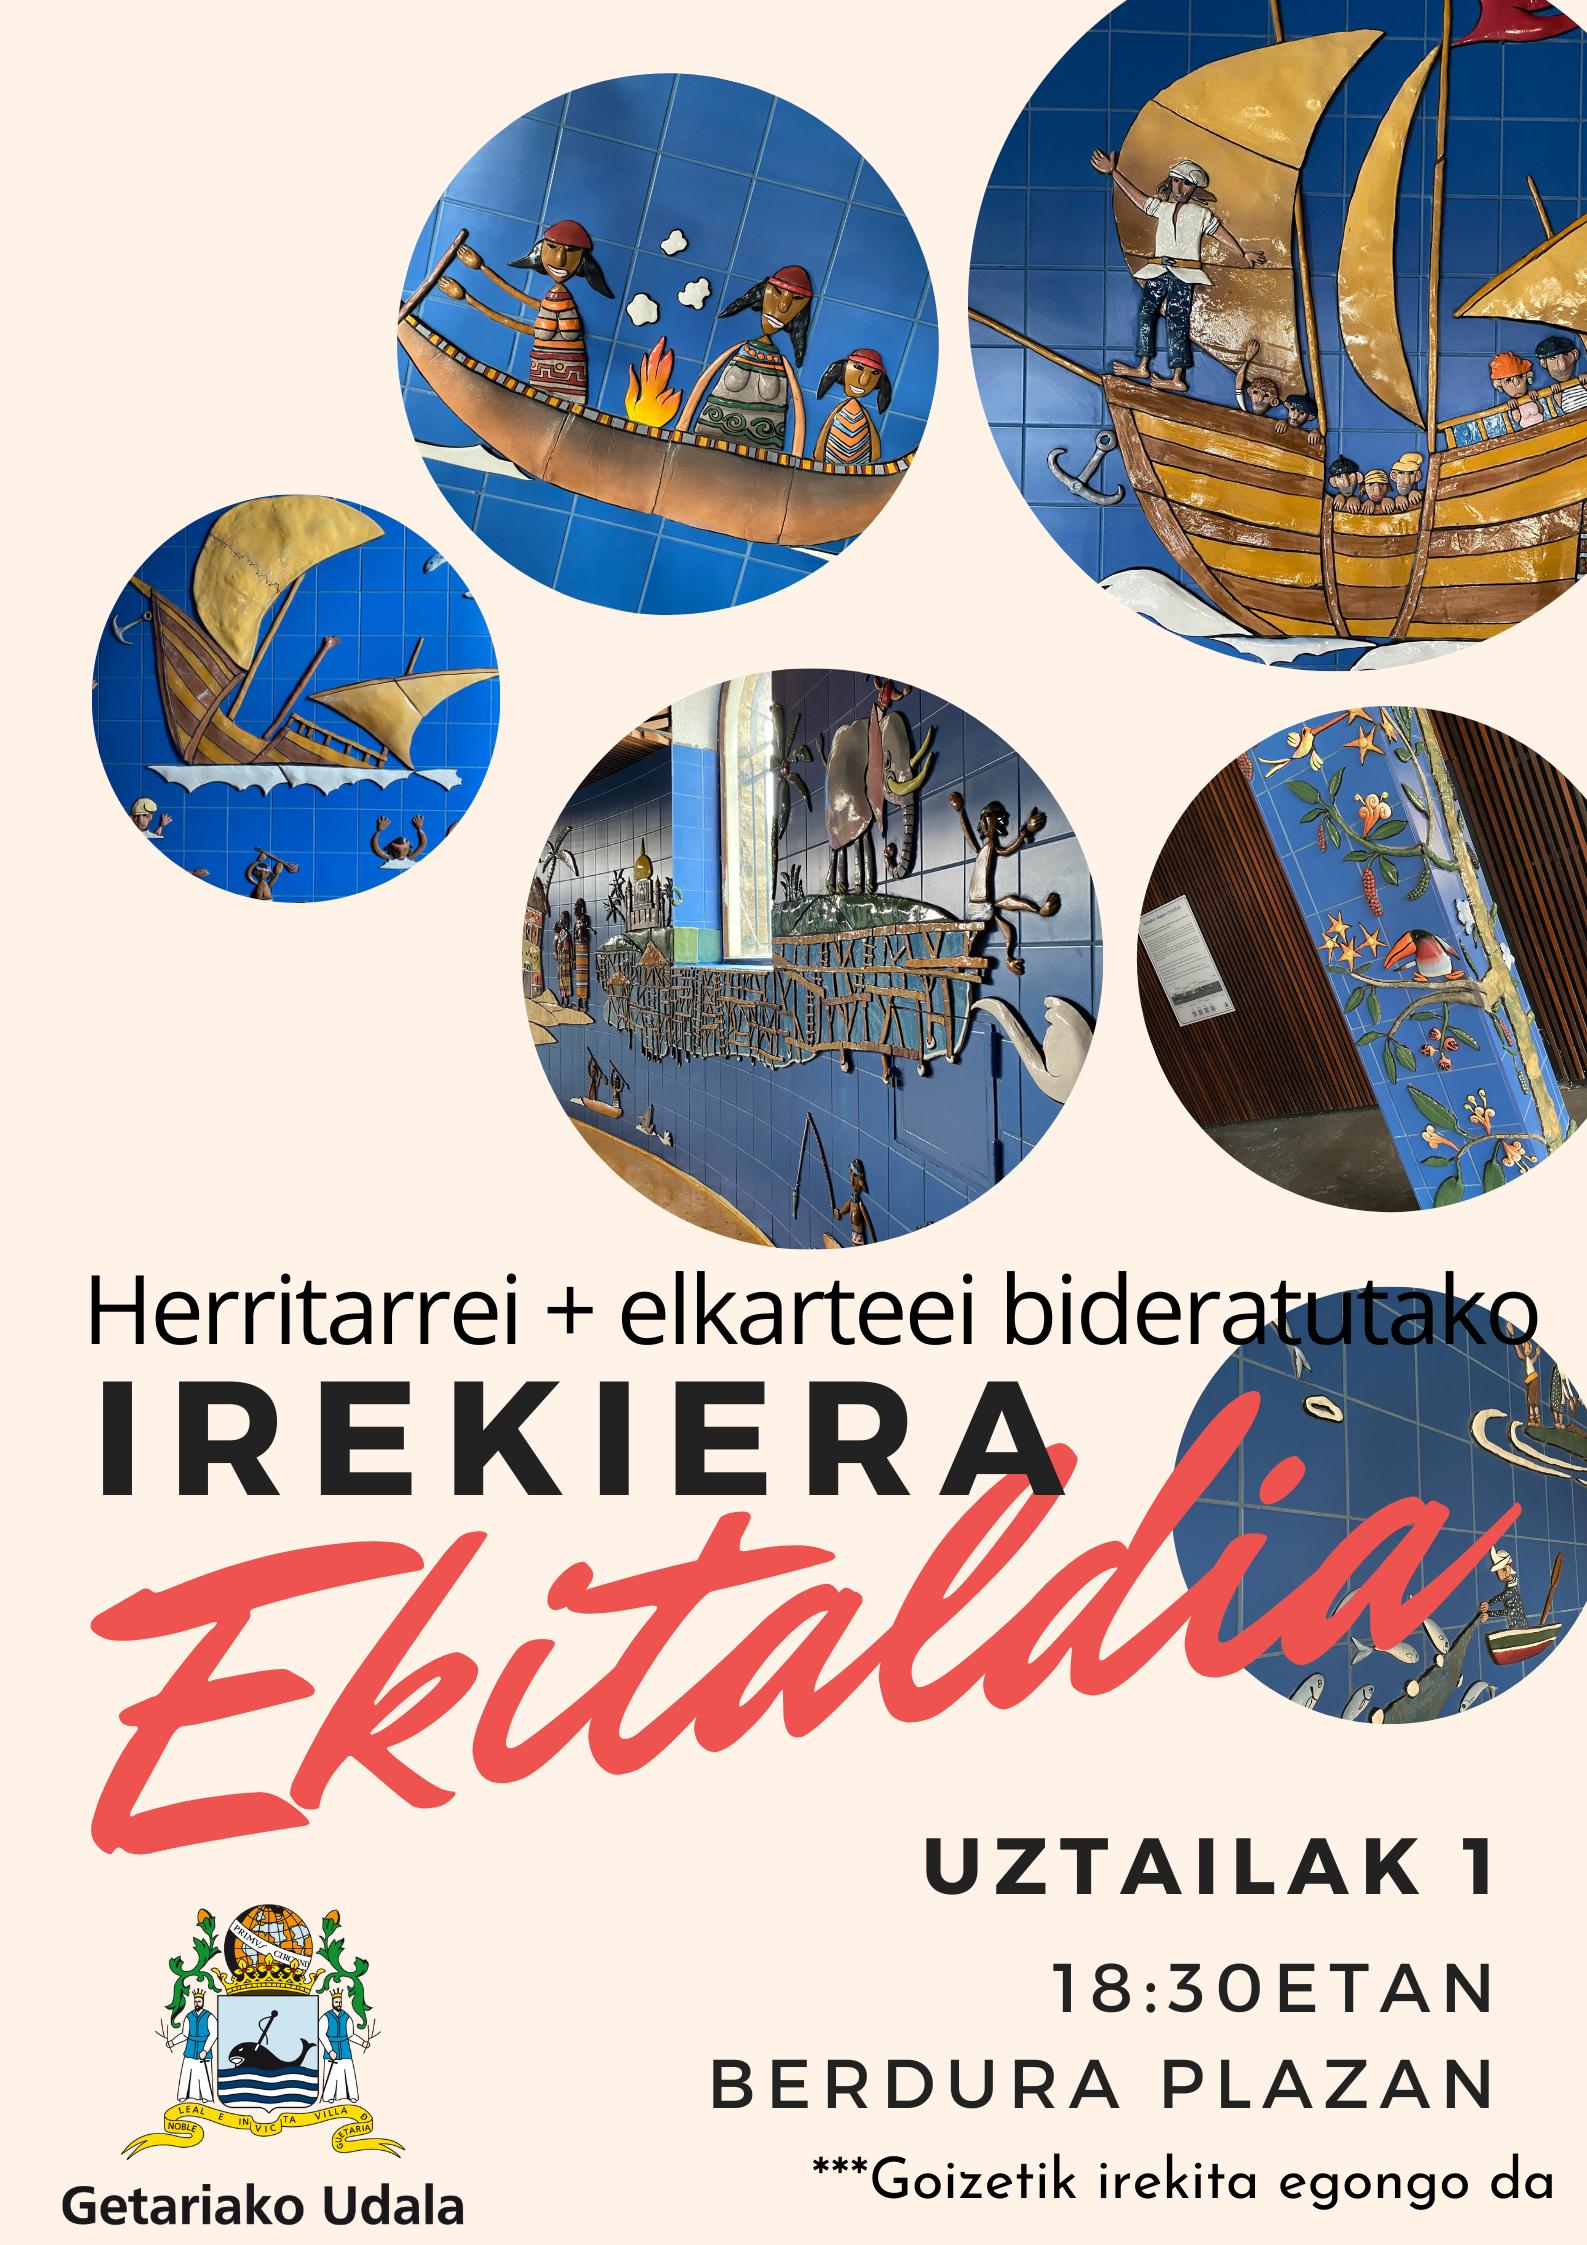 Getariako Udala - Ayuntamiento de Getaria